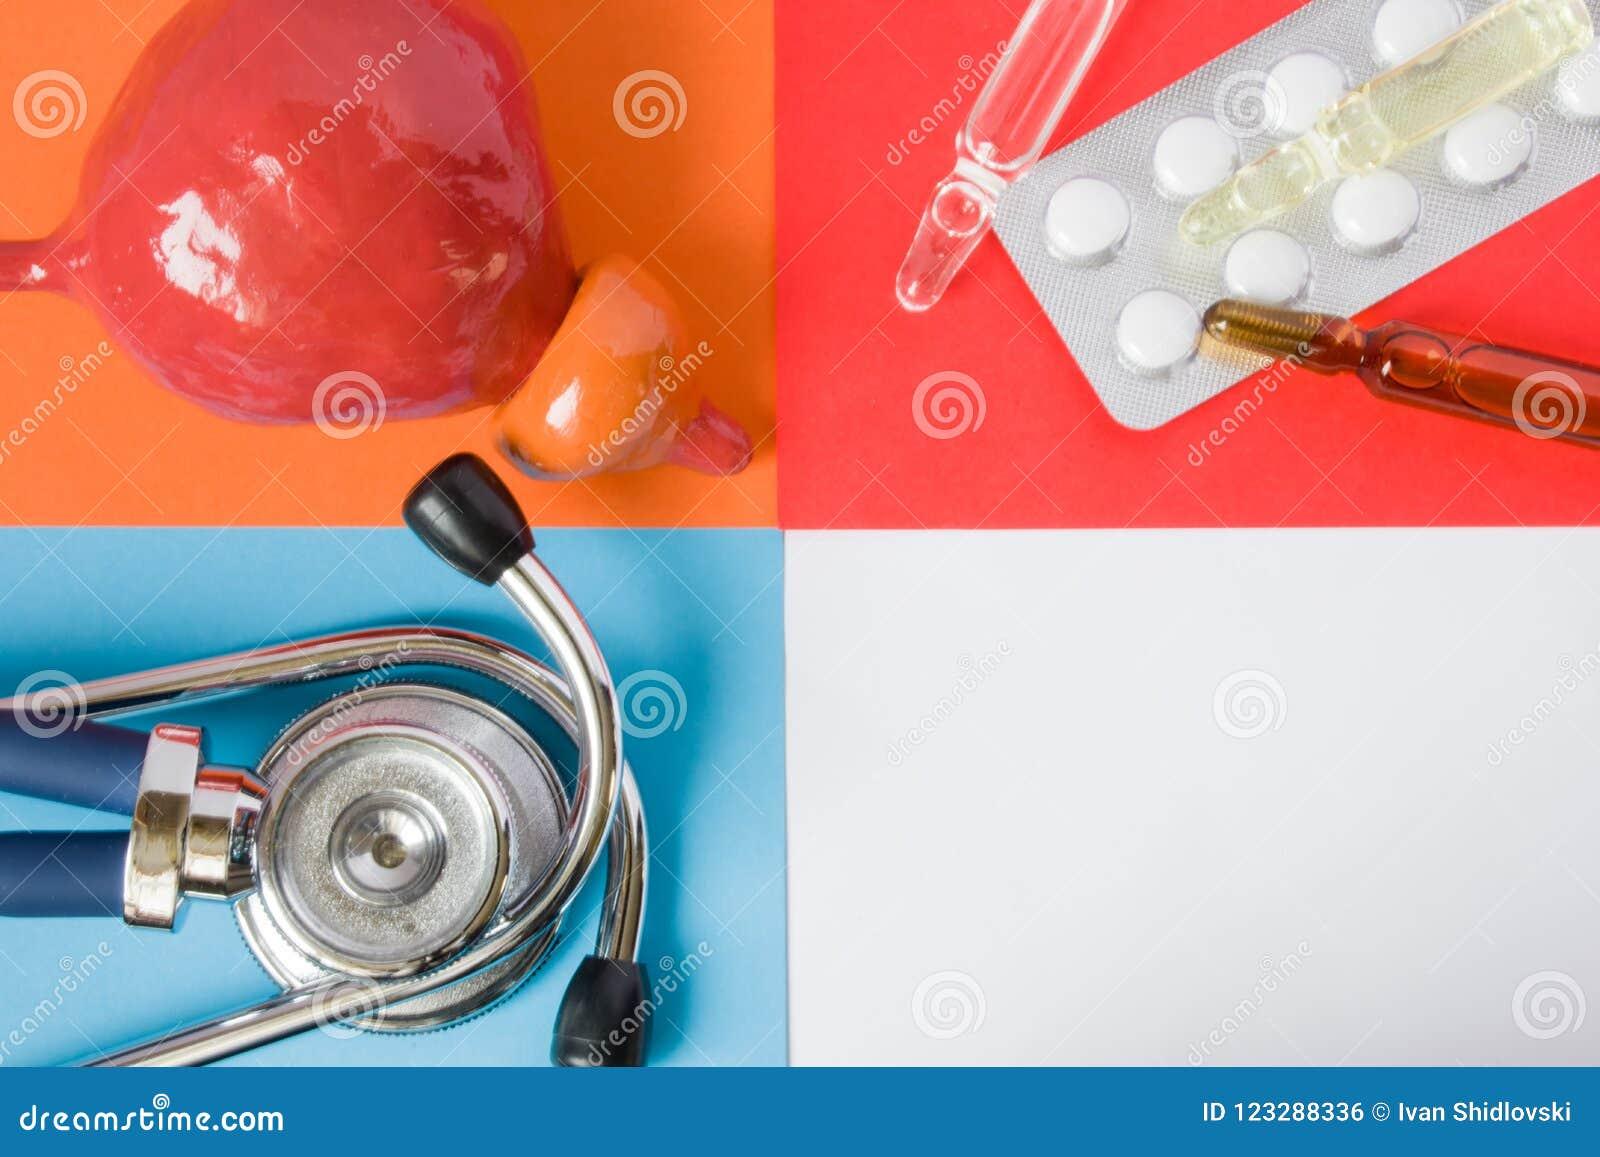 Προστατικά, διαγνωστικά ιατρικά στηθοσκόπιο εργαλείων φωτογραφία-οργάνων έννοιας ιατρικού ή σχεδίου υγειονομικής περίθαλψης και χ